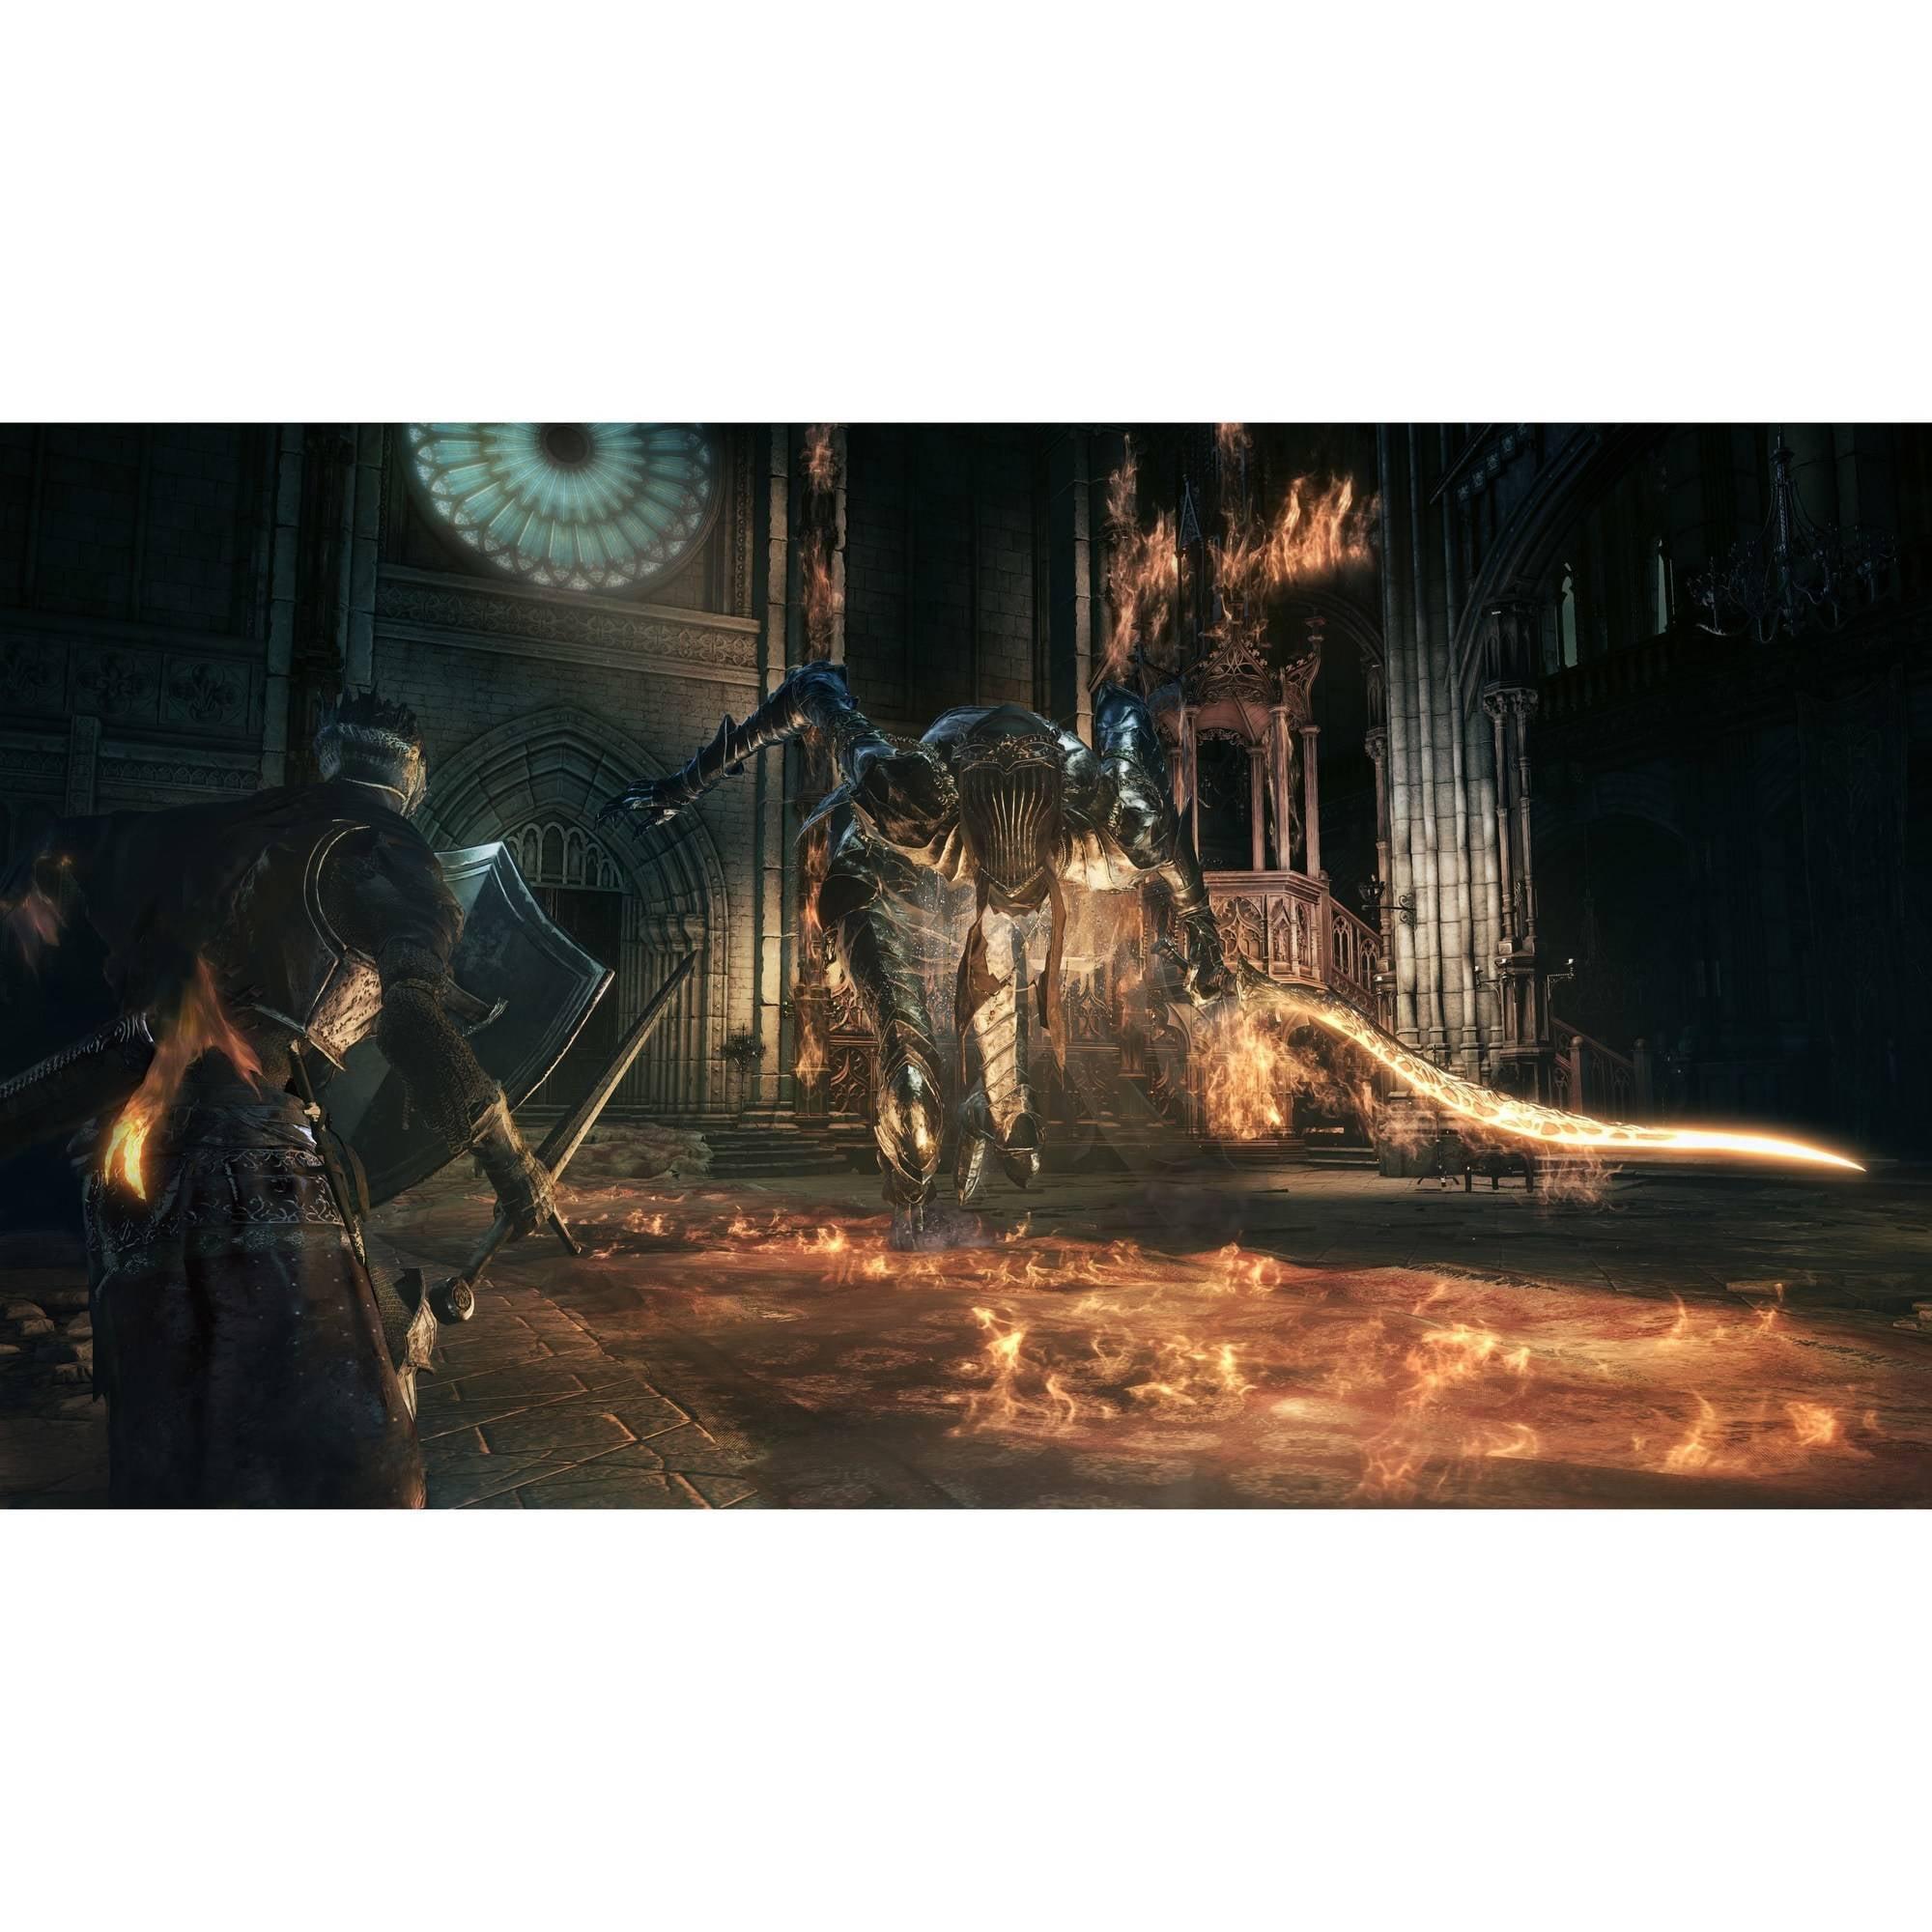 Dark Souls 3, Bandai/Namco, Xbox One, 722674220095   Walmart.com